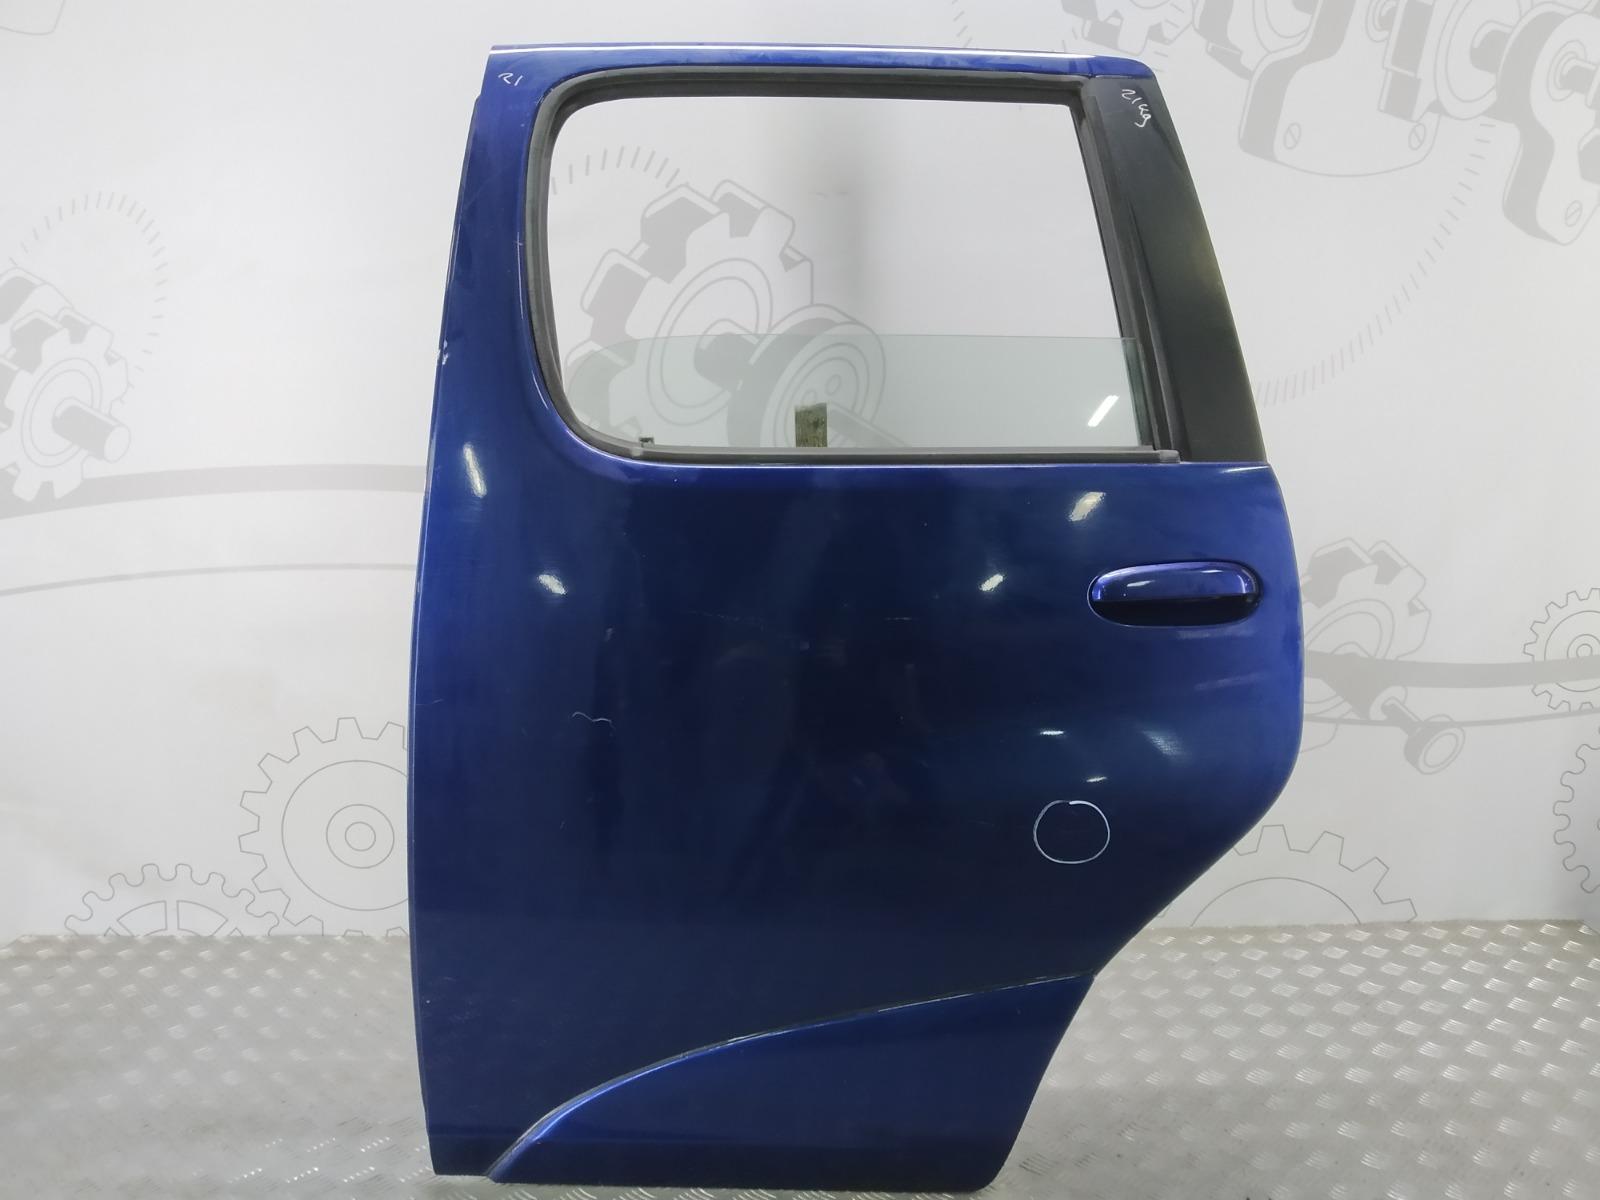 Дверь задняя левая Toyota Yaris Verso 1.3 I 2000 (б/у)